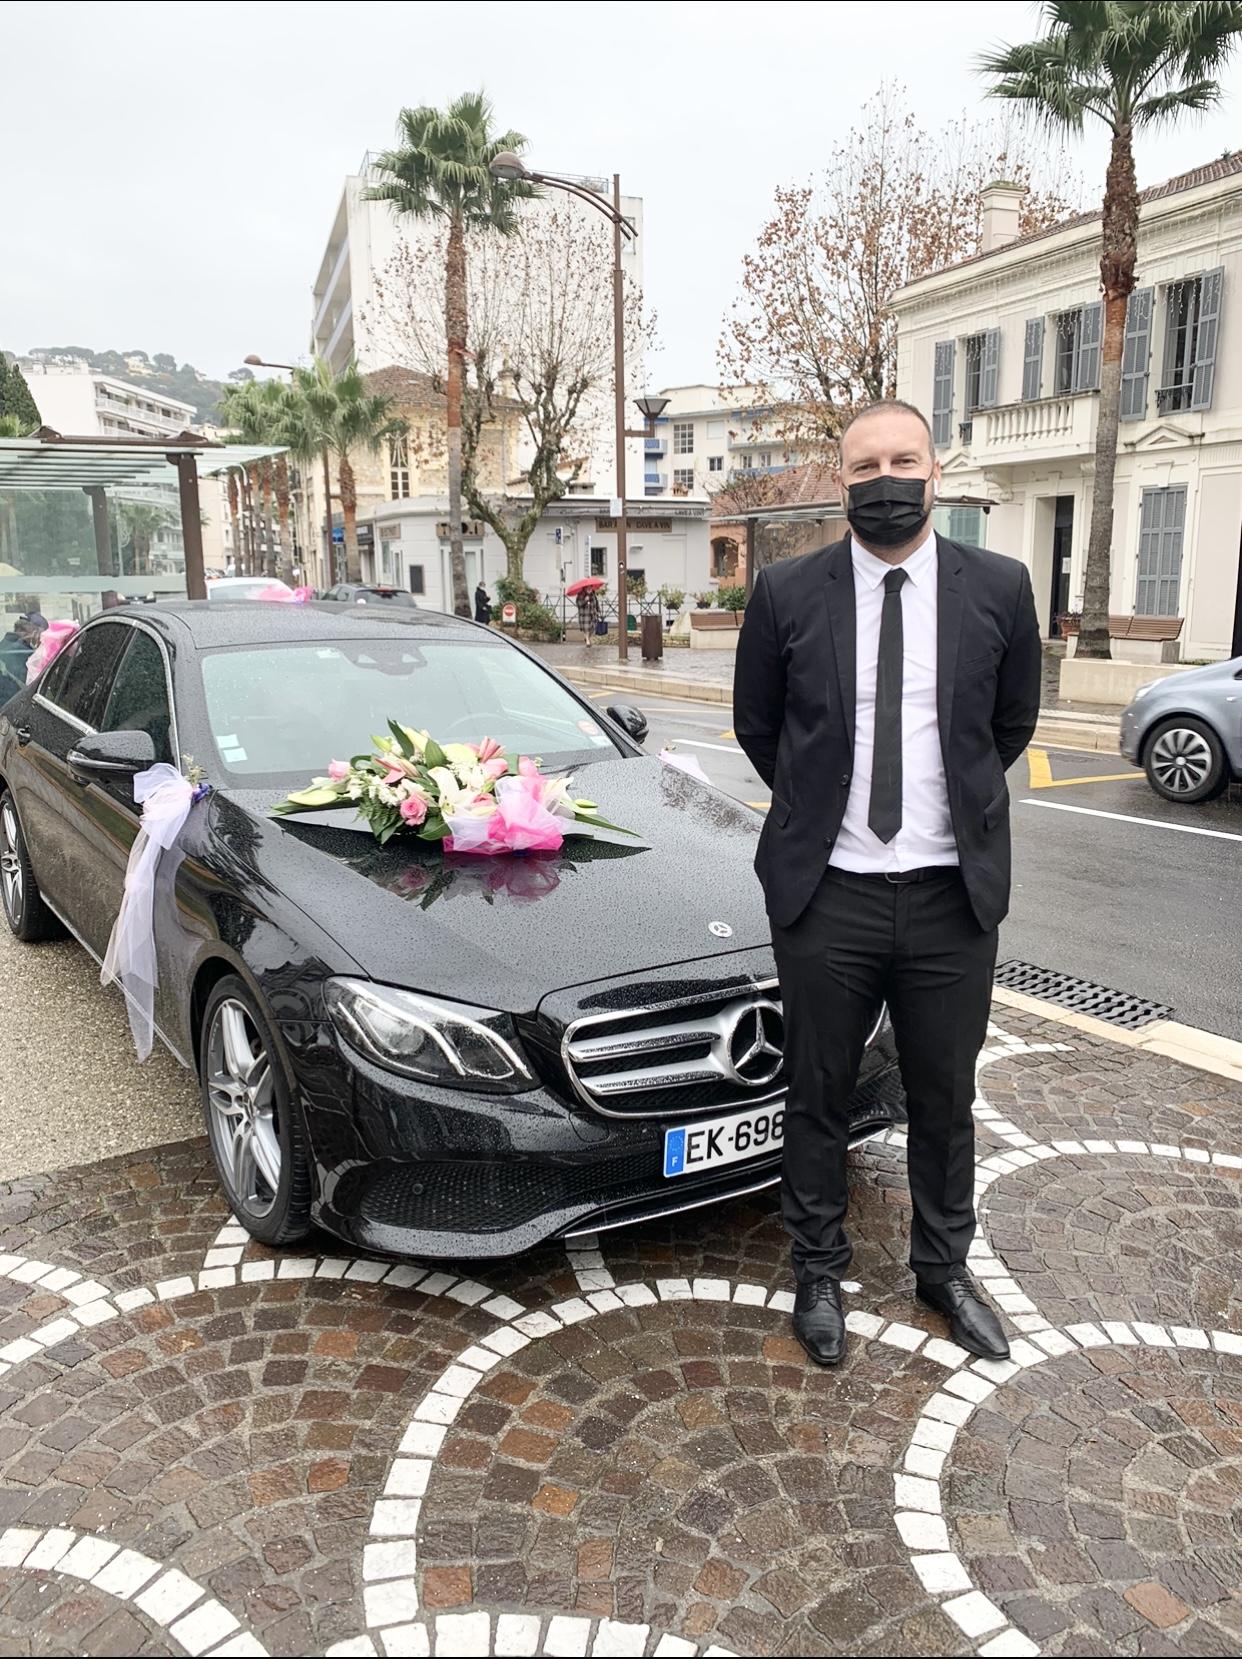 mariage chauffeur